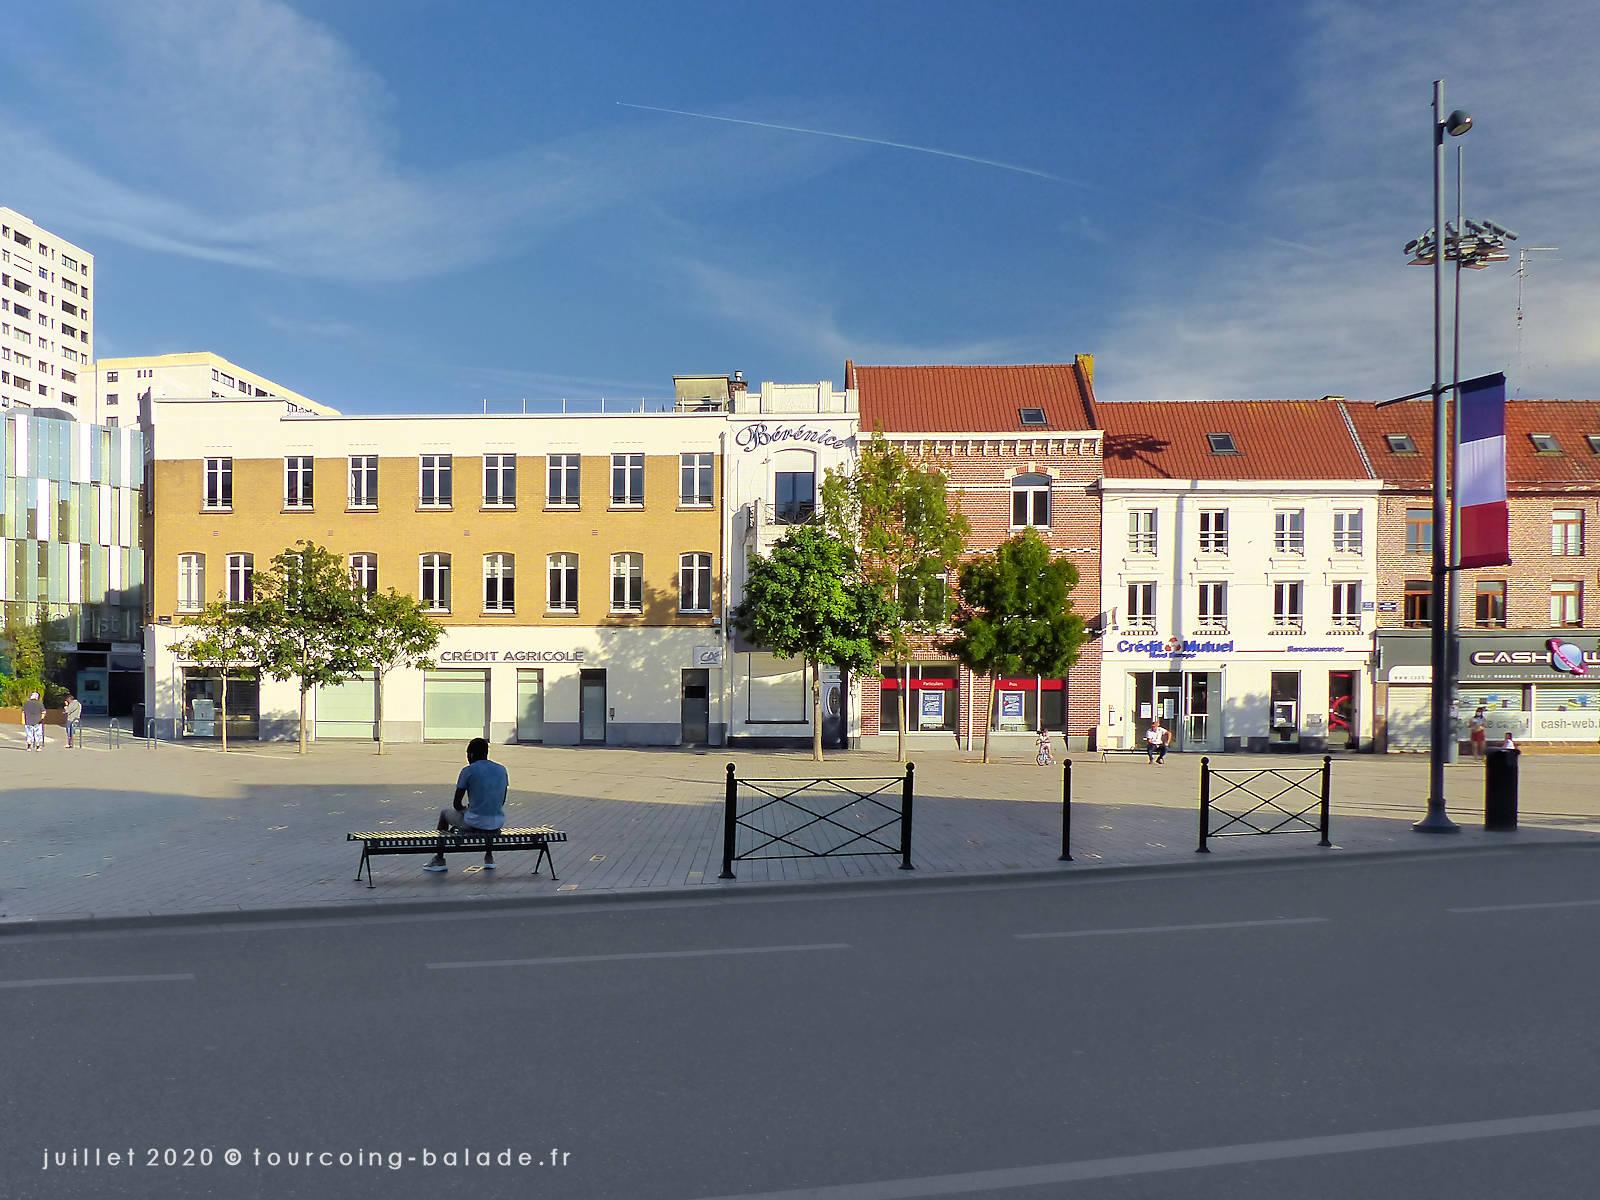 Place de la République, Tourcoing 2020 - Bérénice Coiffure